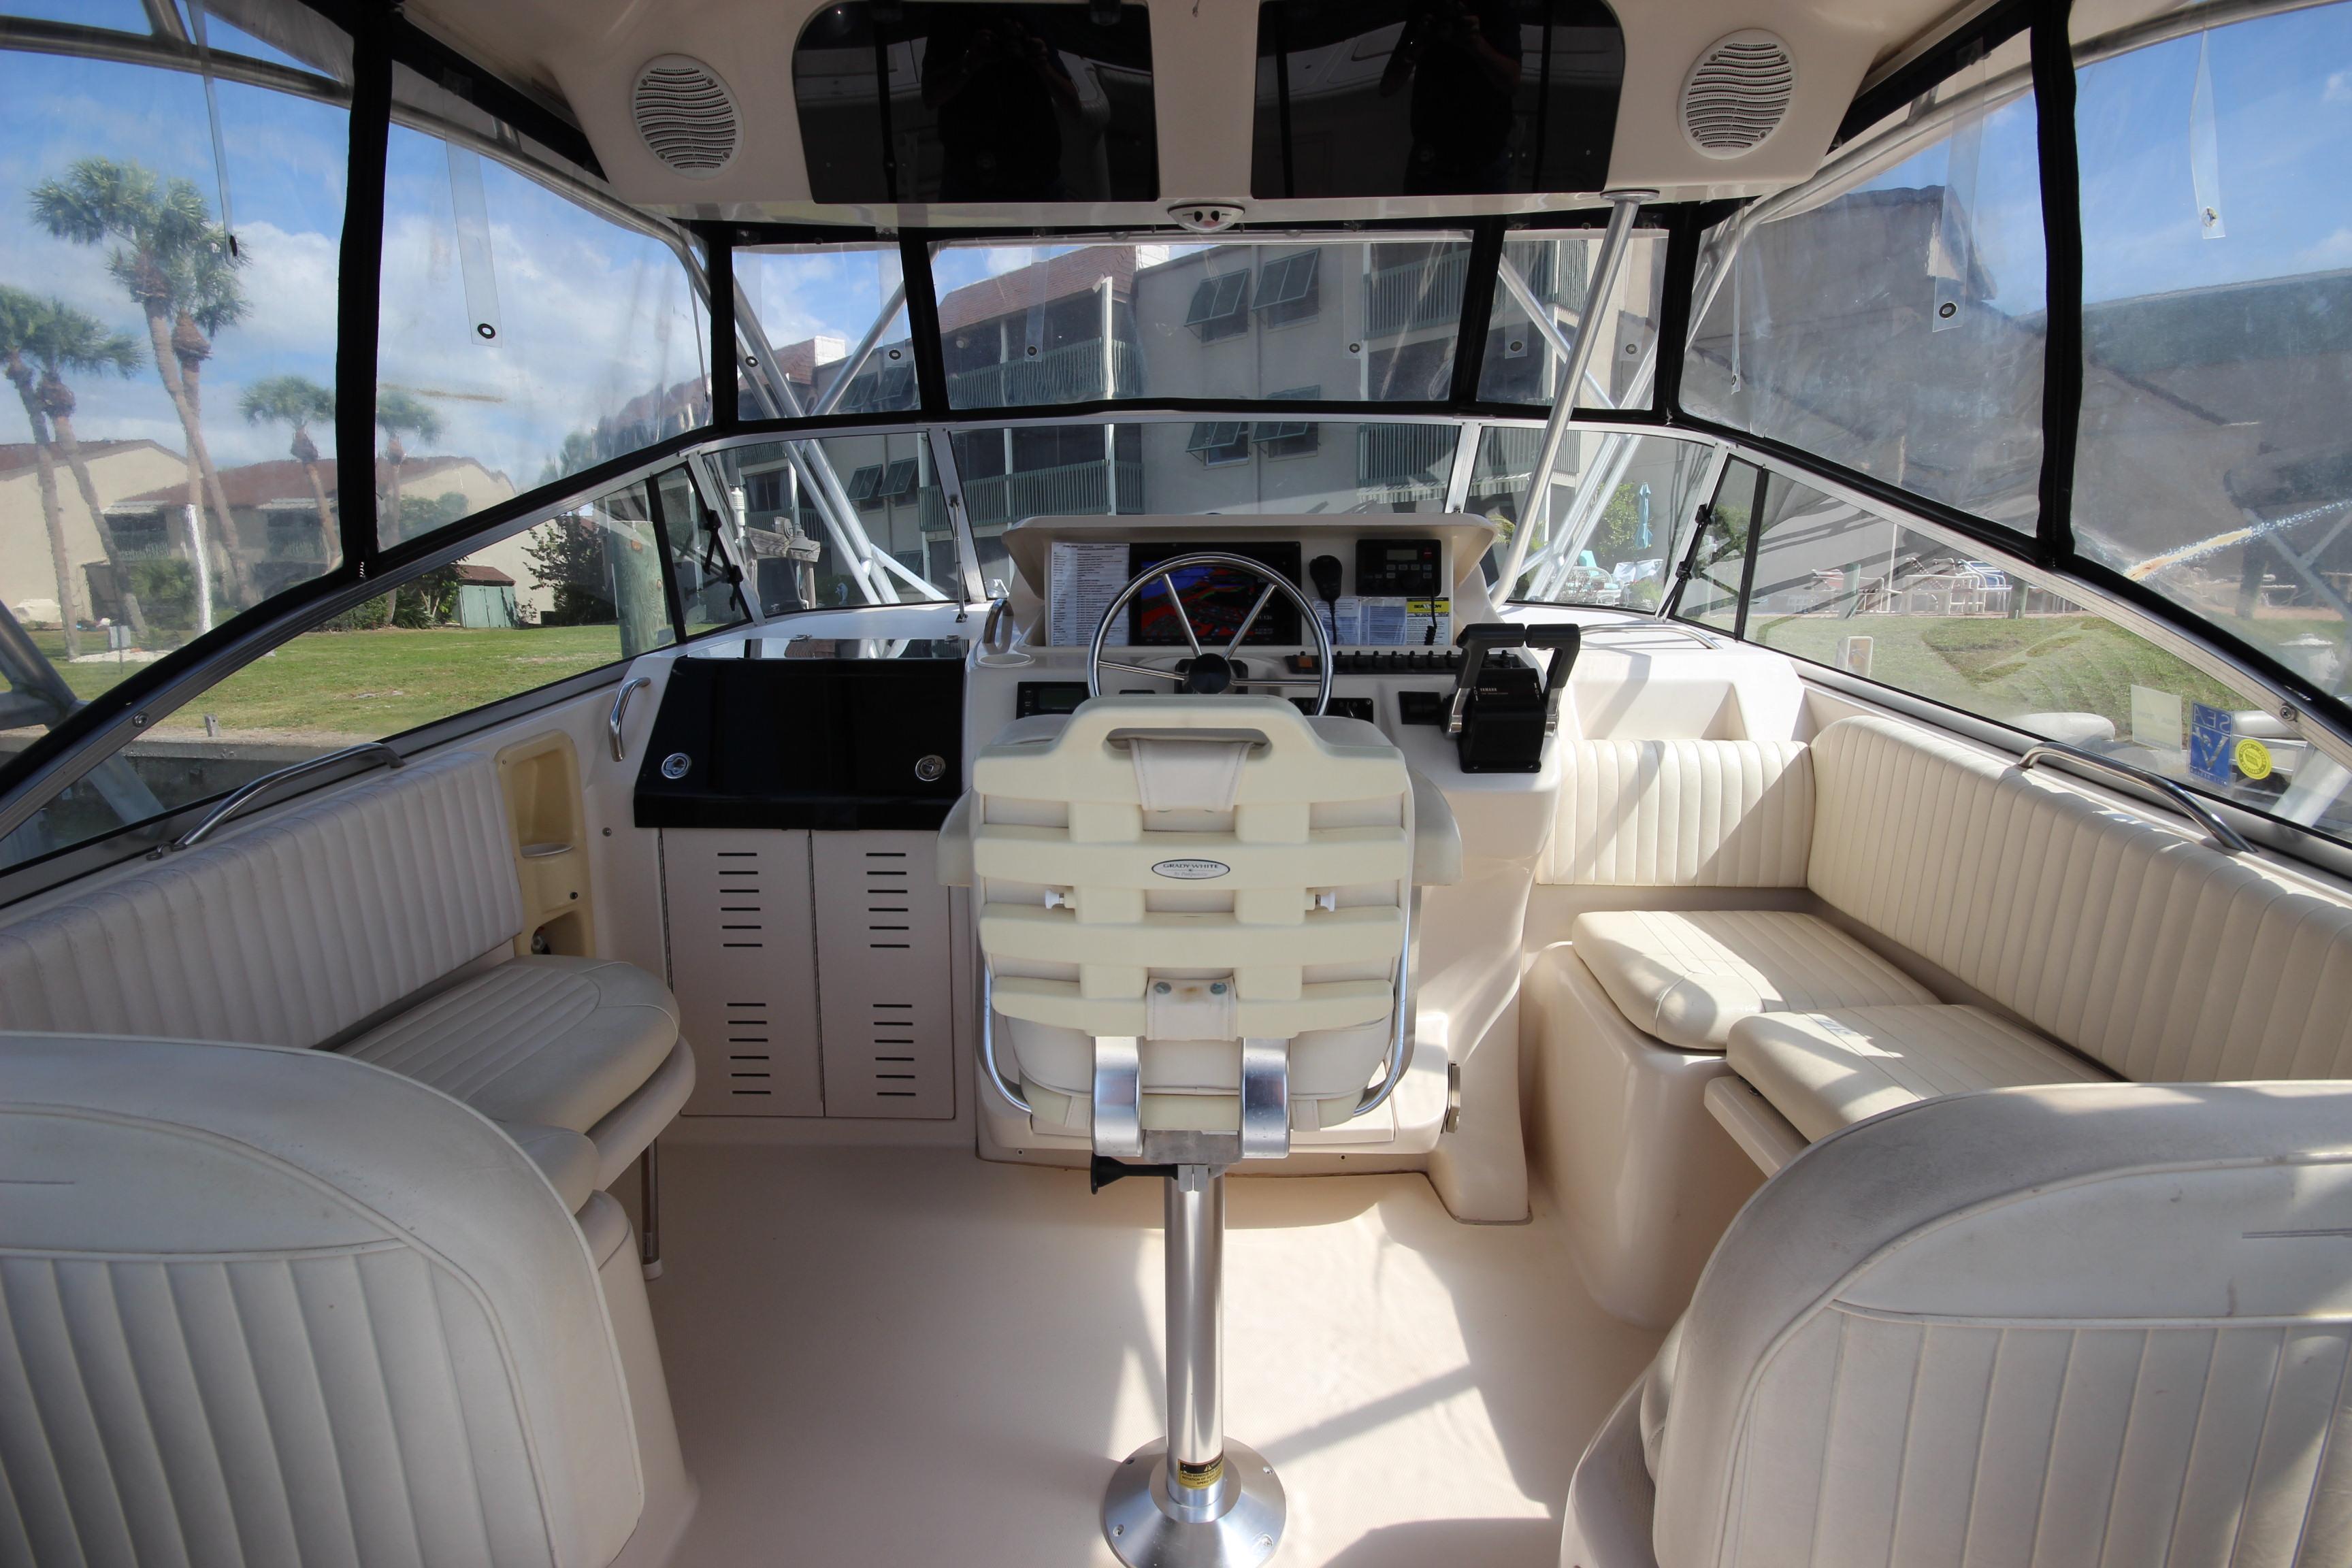 2001 Grady-White 330 Express with 2018 Yamaha 250's w/Warranties